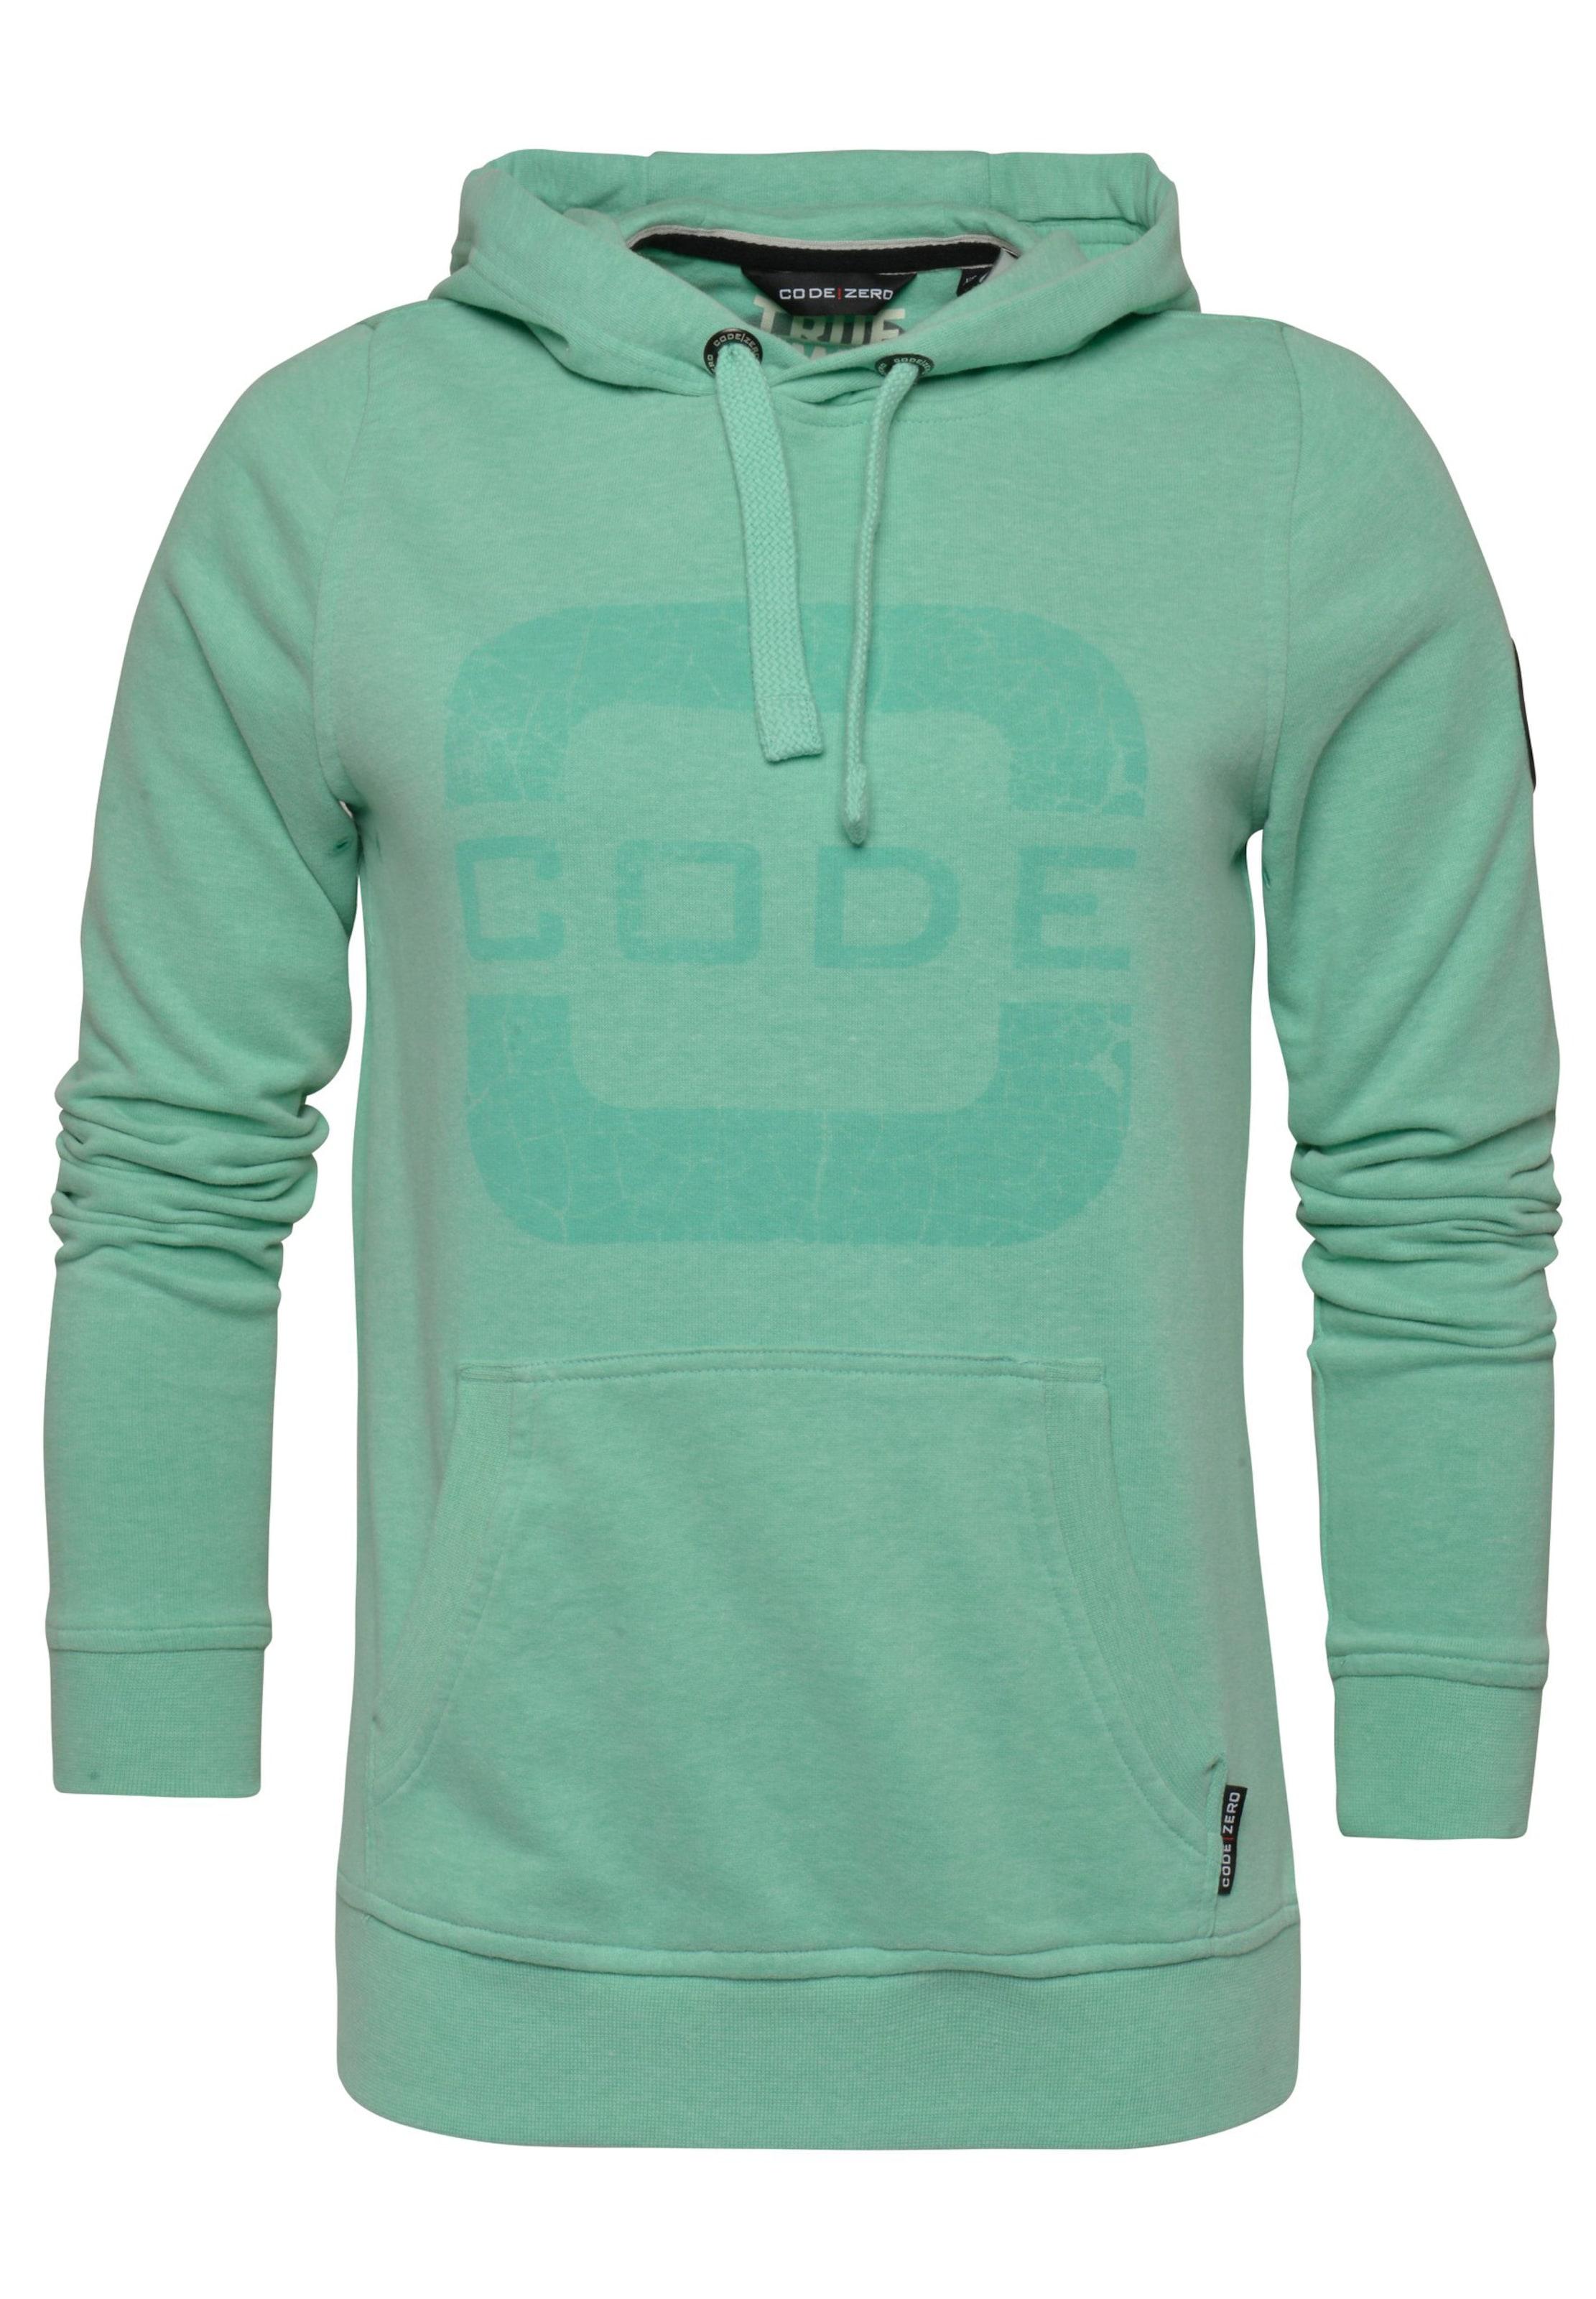 Grün Code zero Sweatshirt In 'transire' y8mvn0OwN